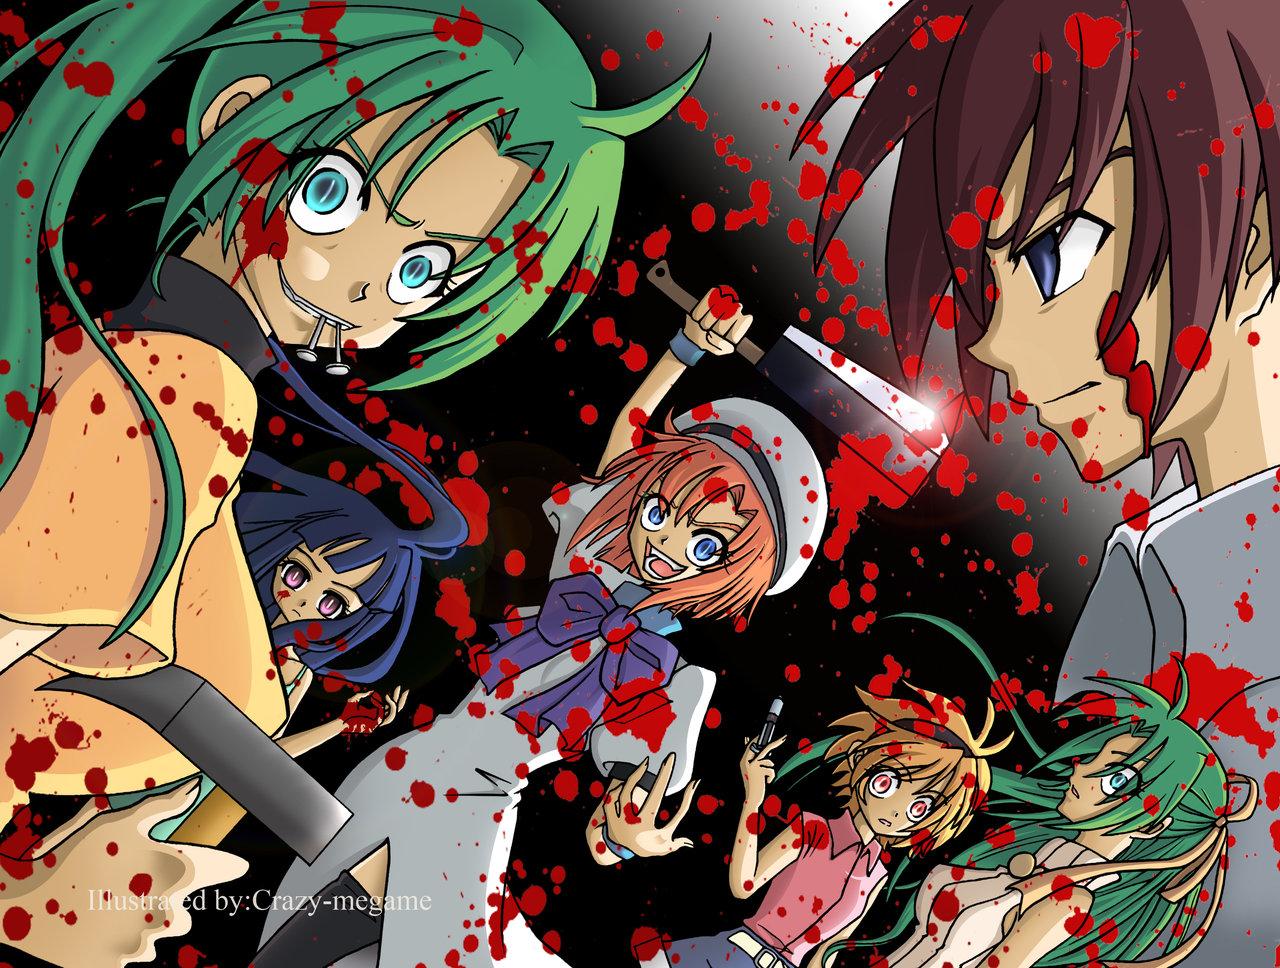 blood furude_rika higurashi_no_naku_koro_ni houjou_satoko maebara_keiichi ryuuguu_rena sonozaki_mion sonozaki_shion twins